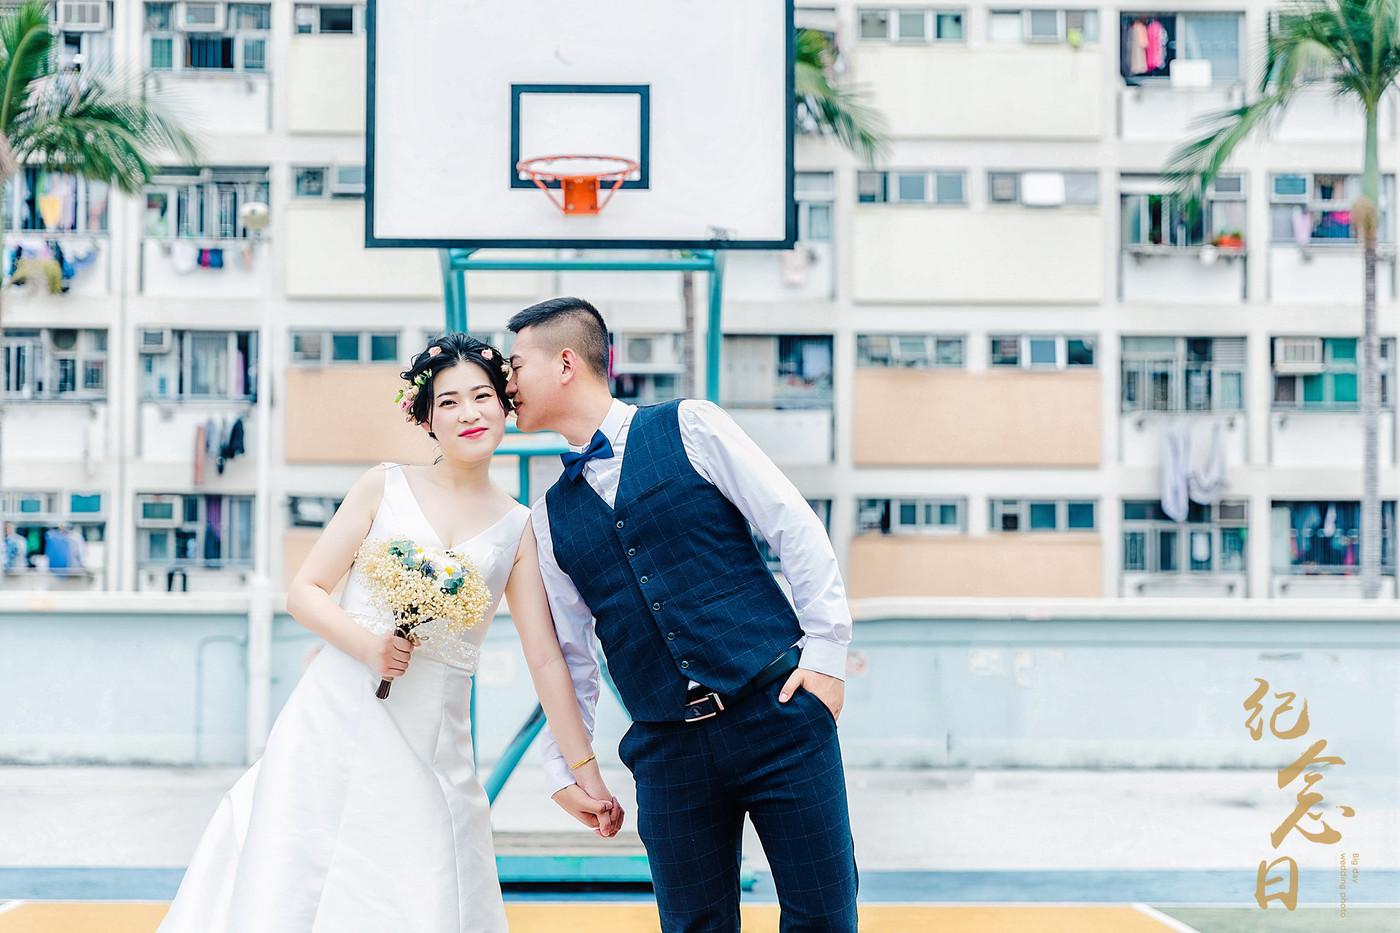 香港旅拍 | 昭甫&梦迪30